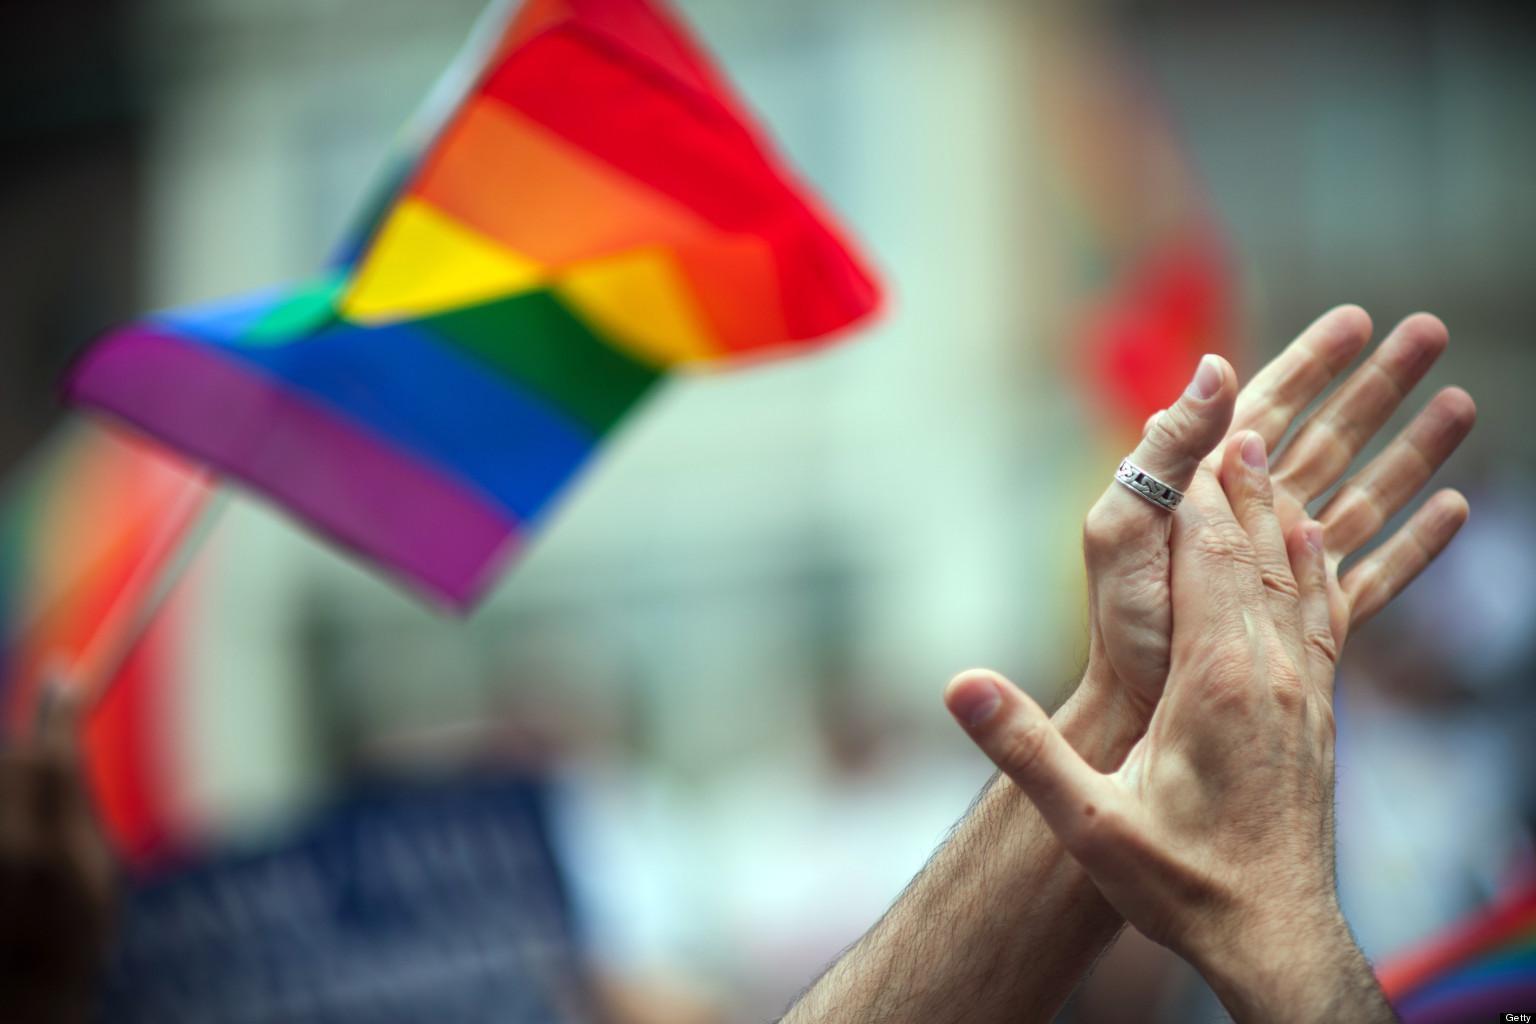 Nova lei que proíbe reorientação de homossexuais avança nos EUA